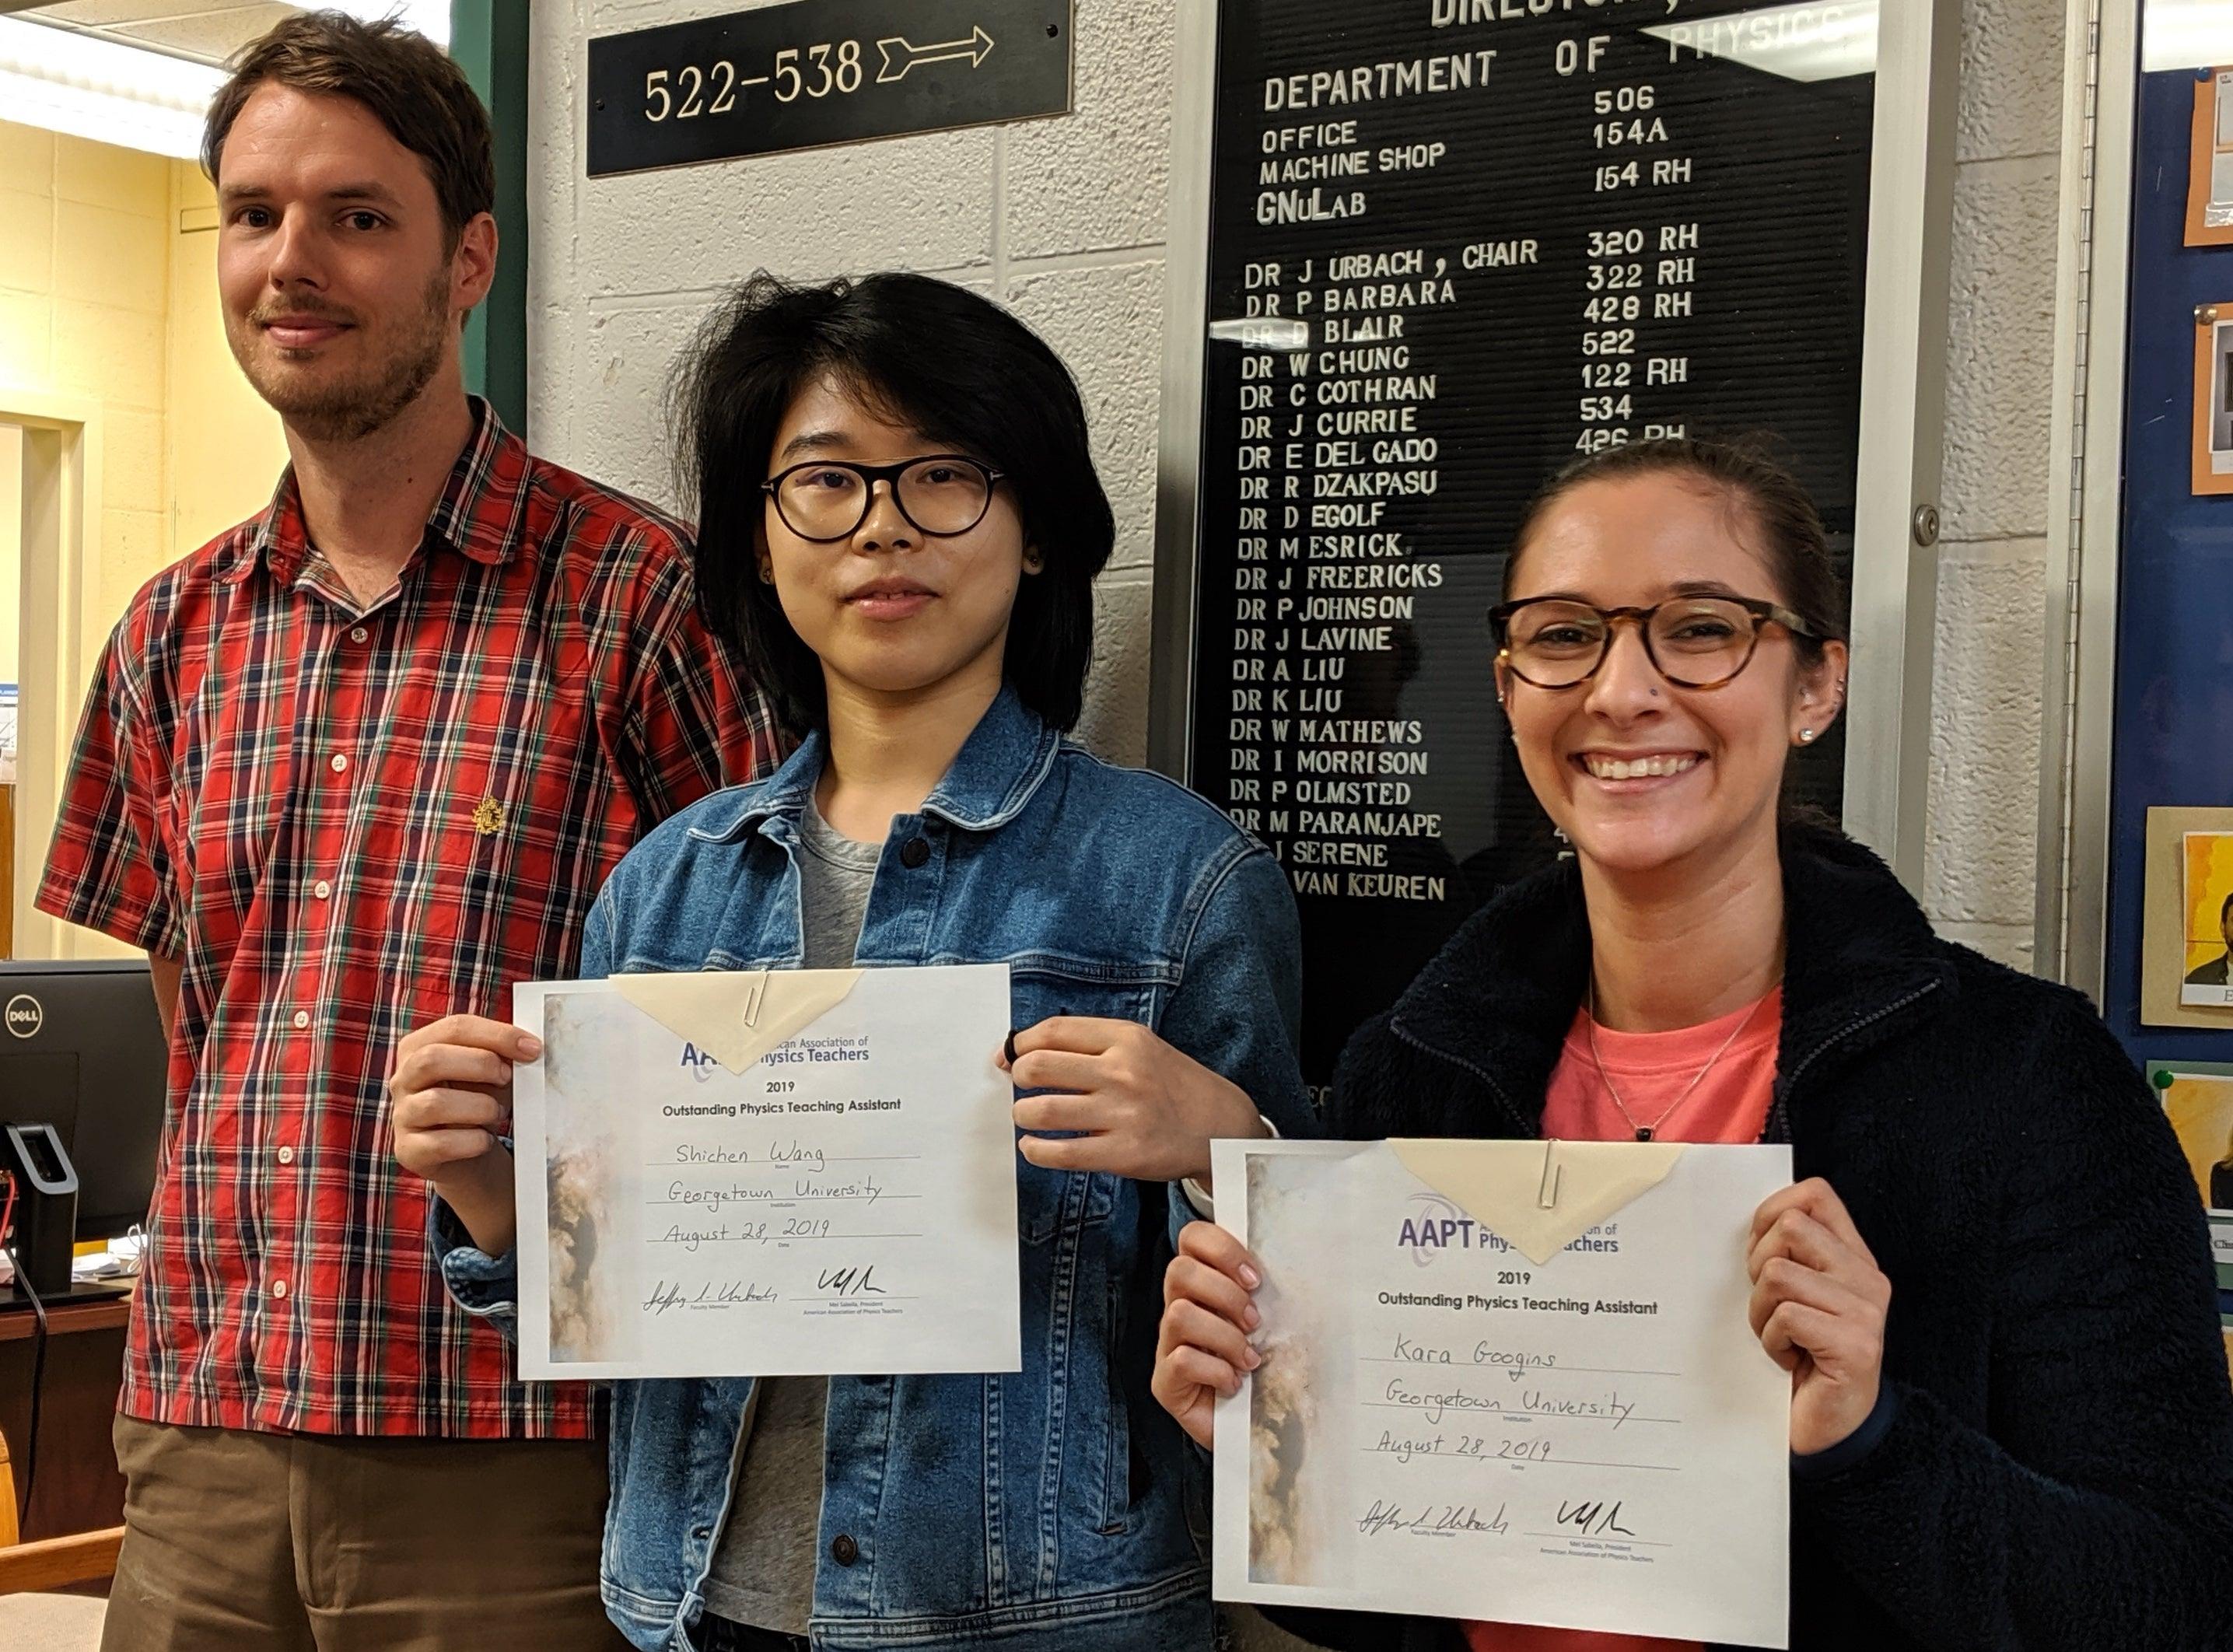 Shichen Wang and Kara Googins hold TA Awards